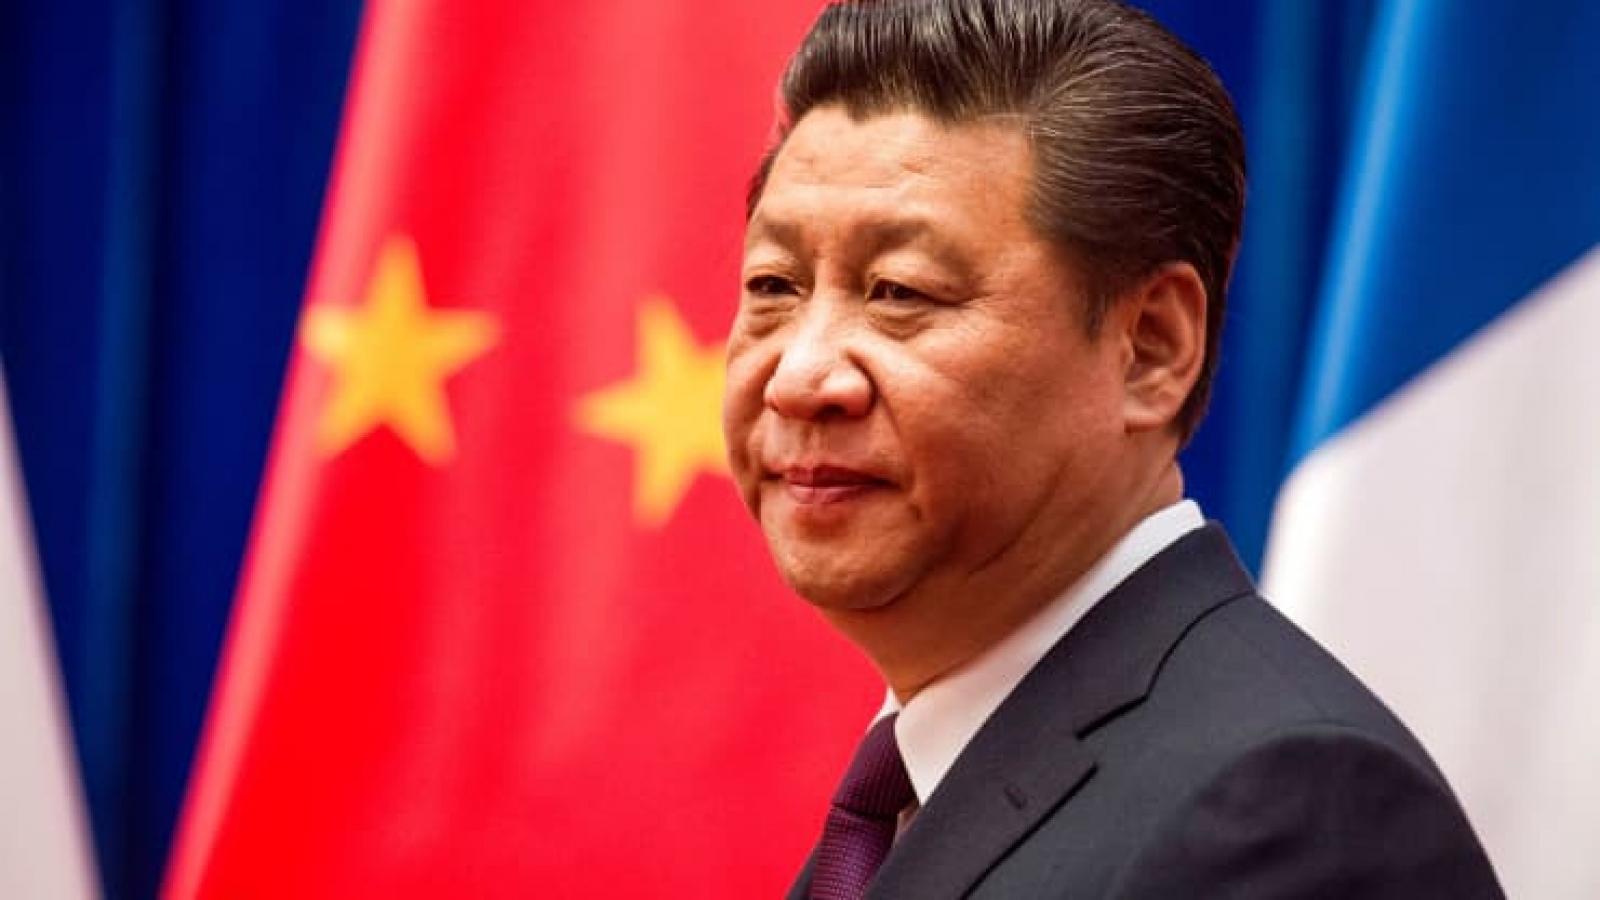 Bất lợi đủ đường, vì sao Trung Quốc vẫn quyết định nộp đơn xin gia nhập CPTPP?